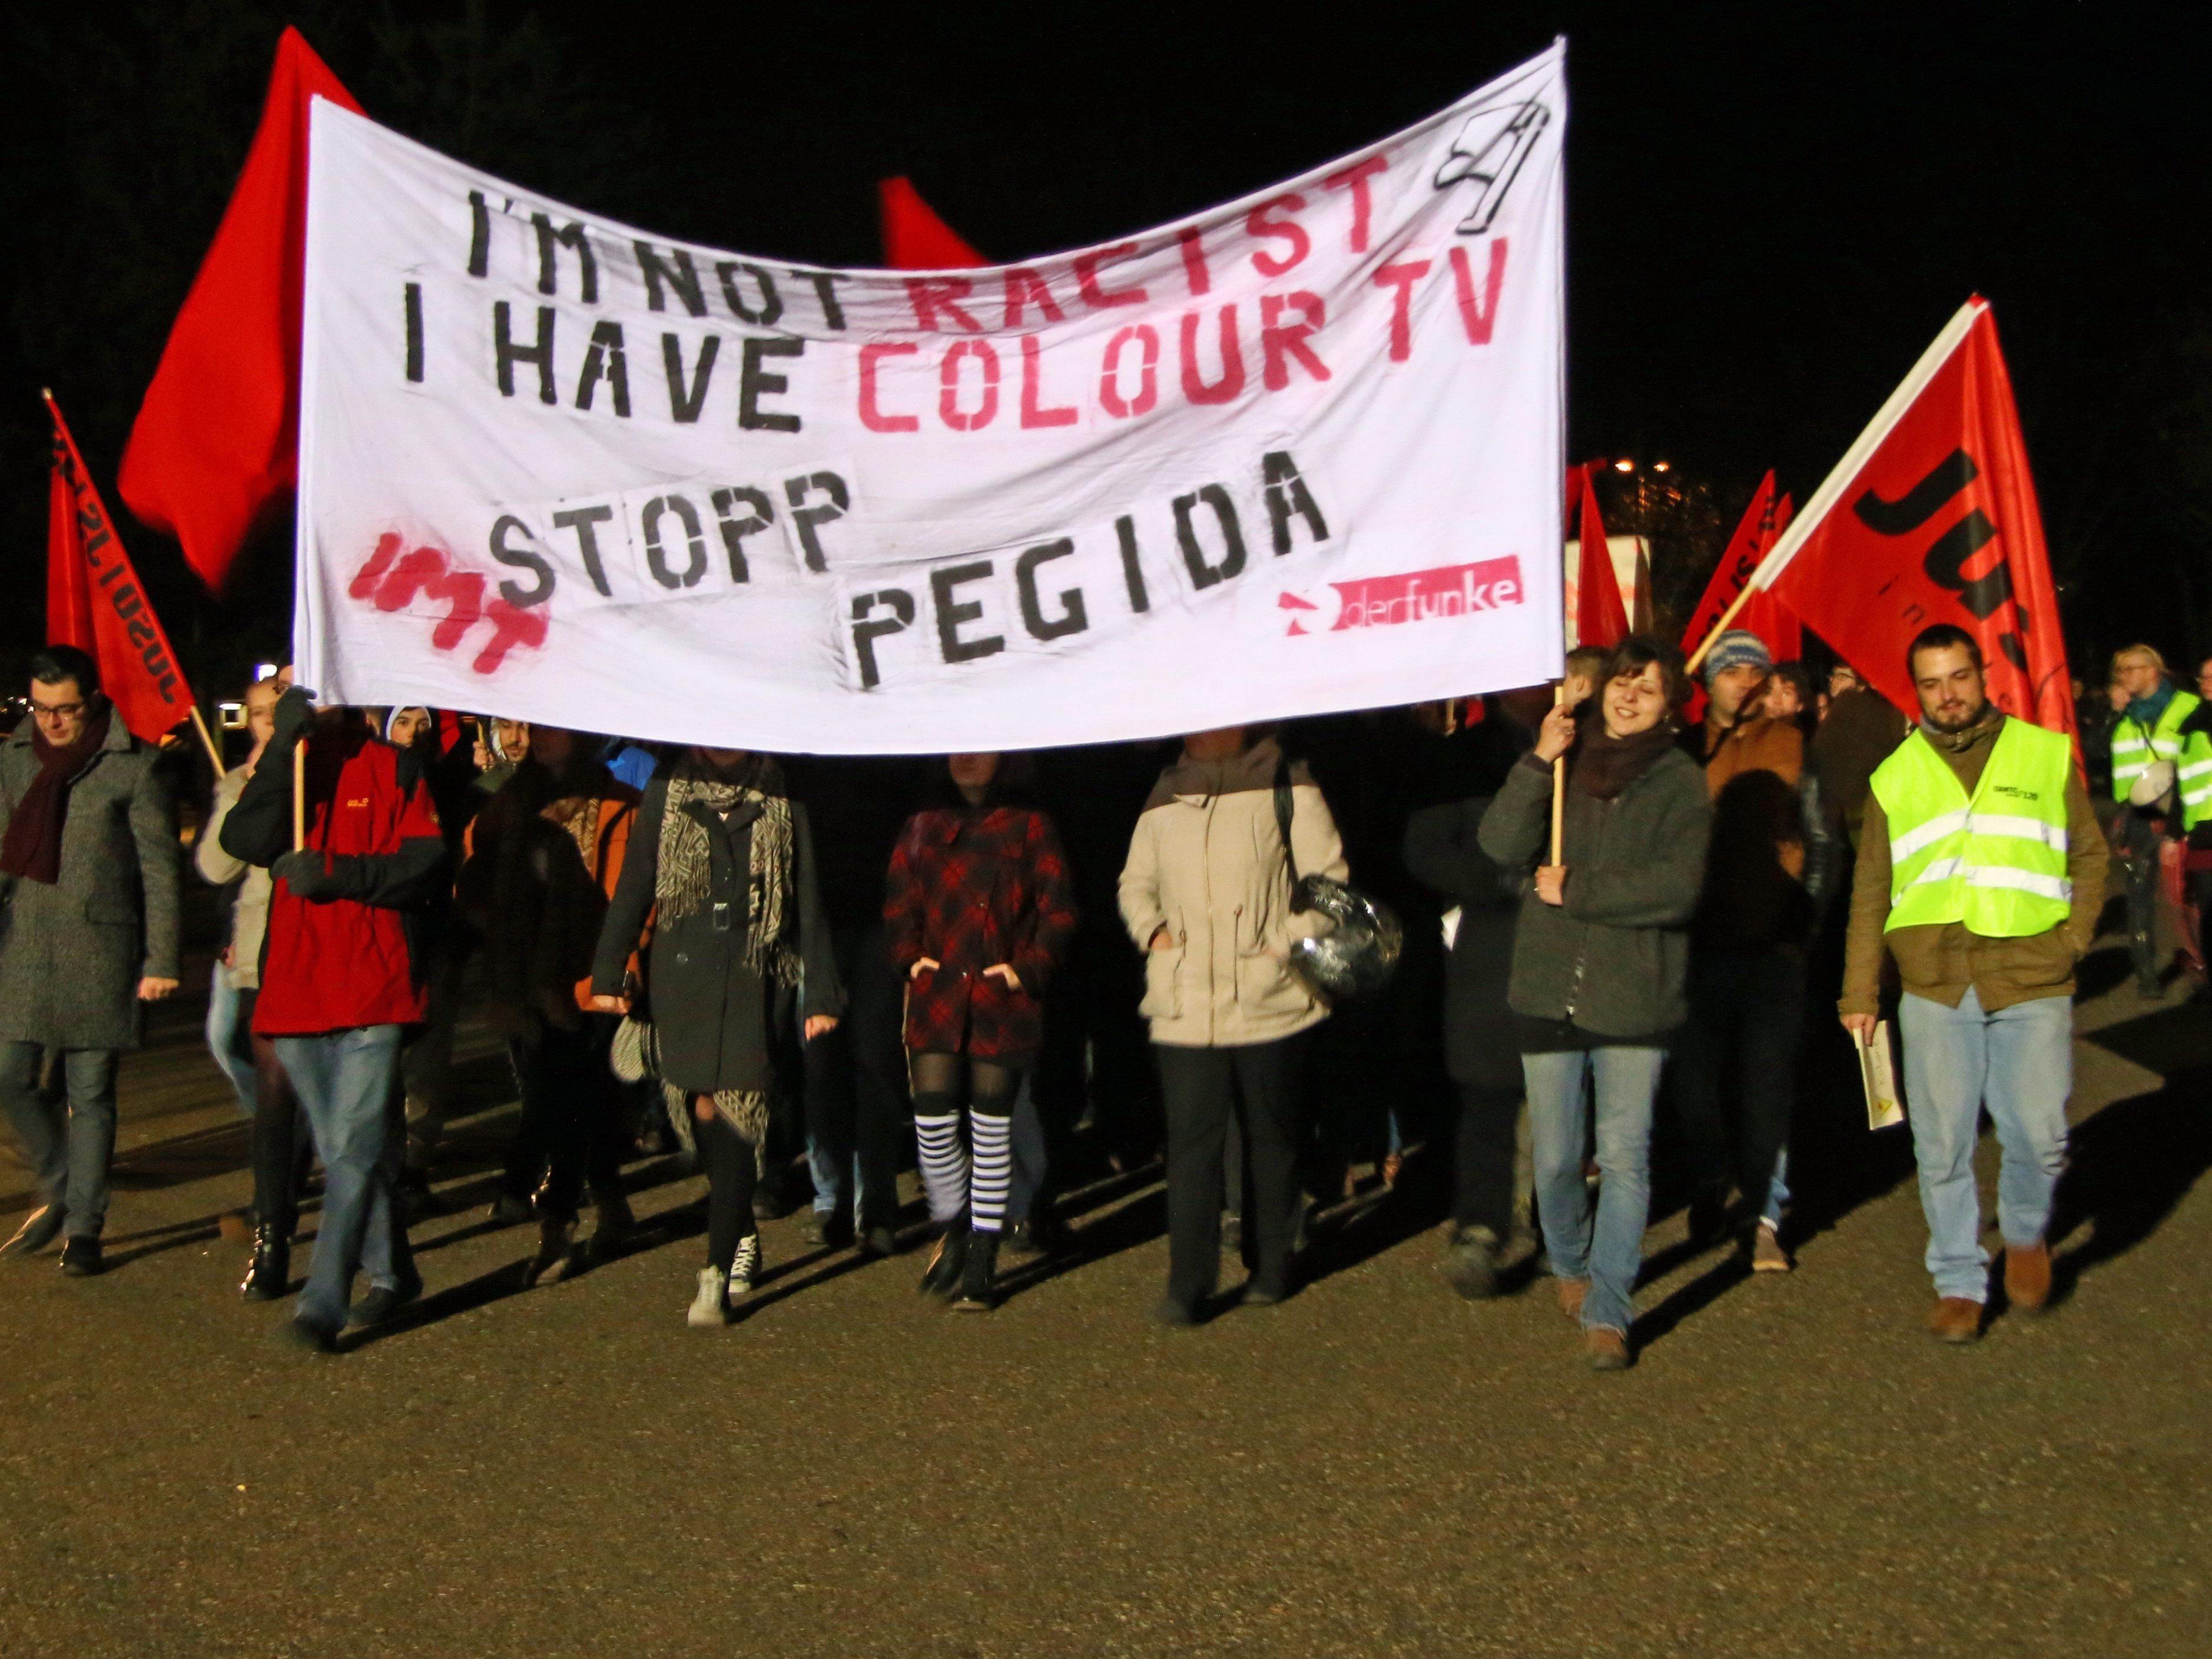 Vergangenen Samstag gingen in Bregenz rund 100 Demonstranten gegen Pegida auf die Straße.